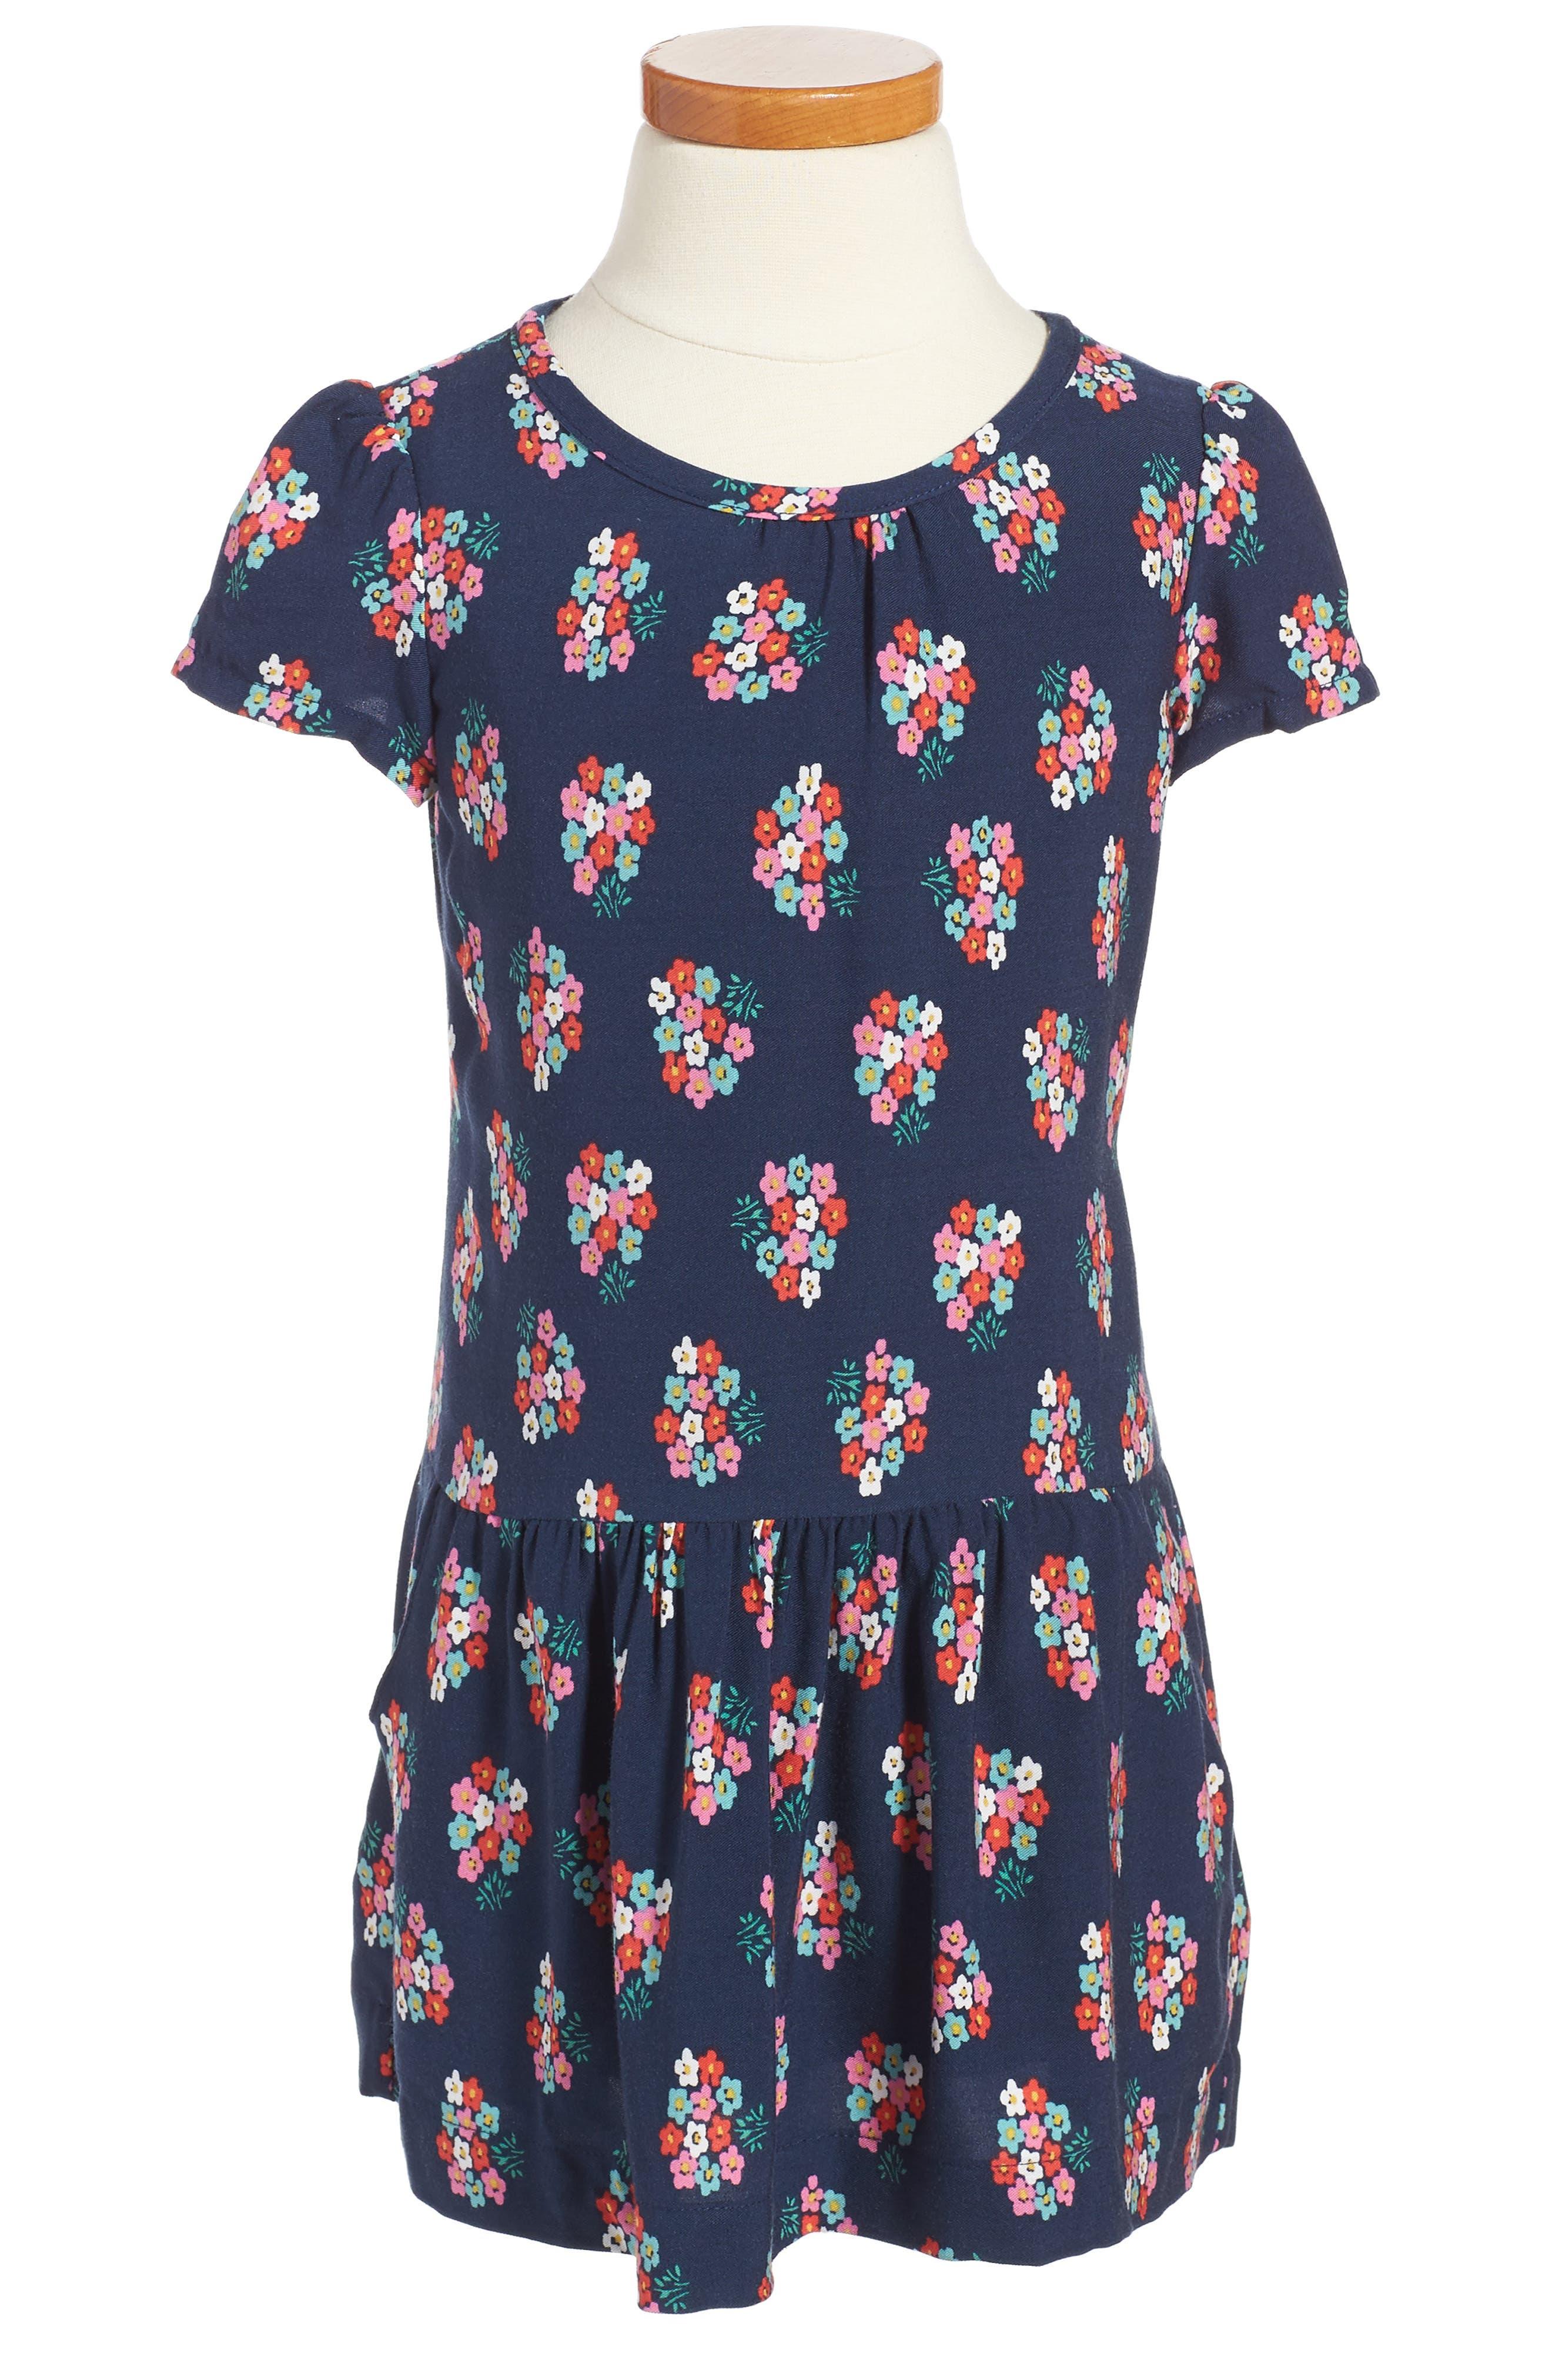 Alternate Image 1 Selected - Mini Boden Print Tea Dress (Toddler Girls, Little Girls & Big Girls)